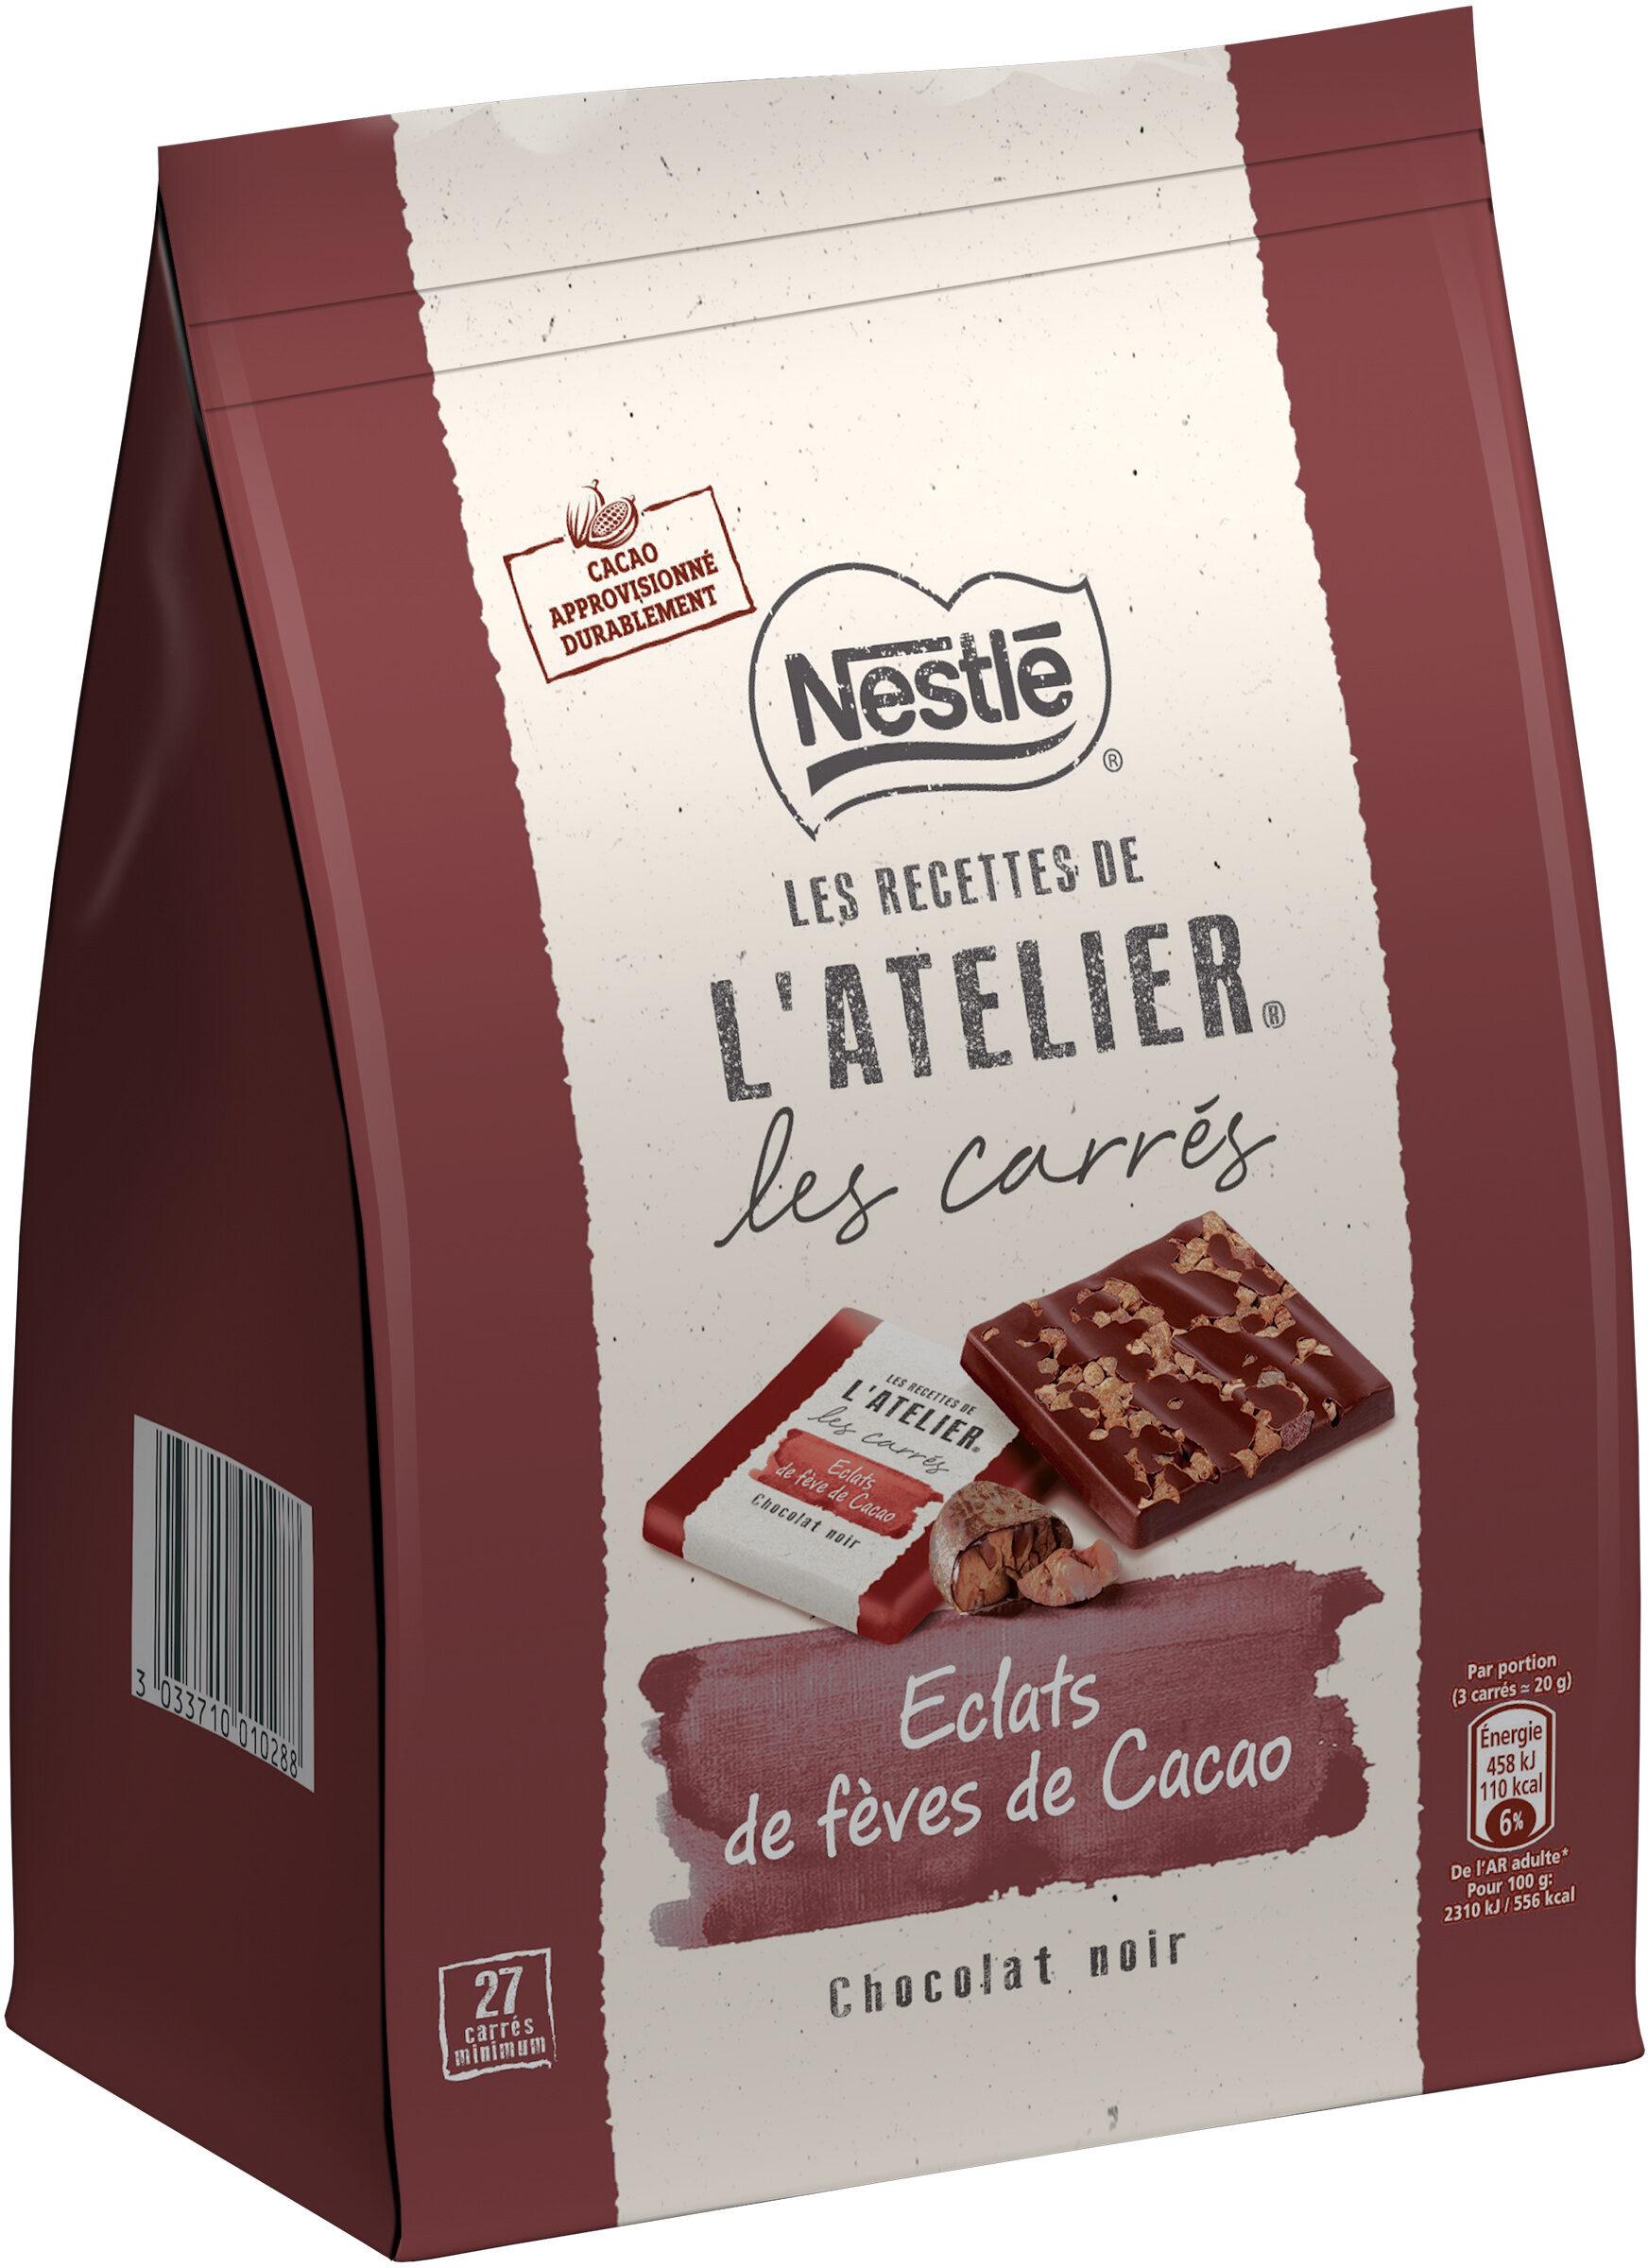 NESTLE L'ATELIER Carrés Dégustation Eclat Noir - Product - fr